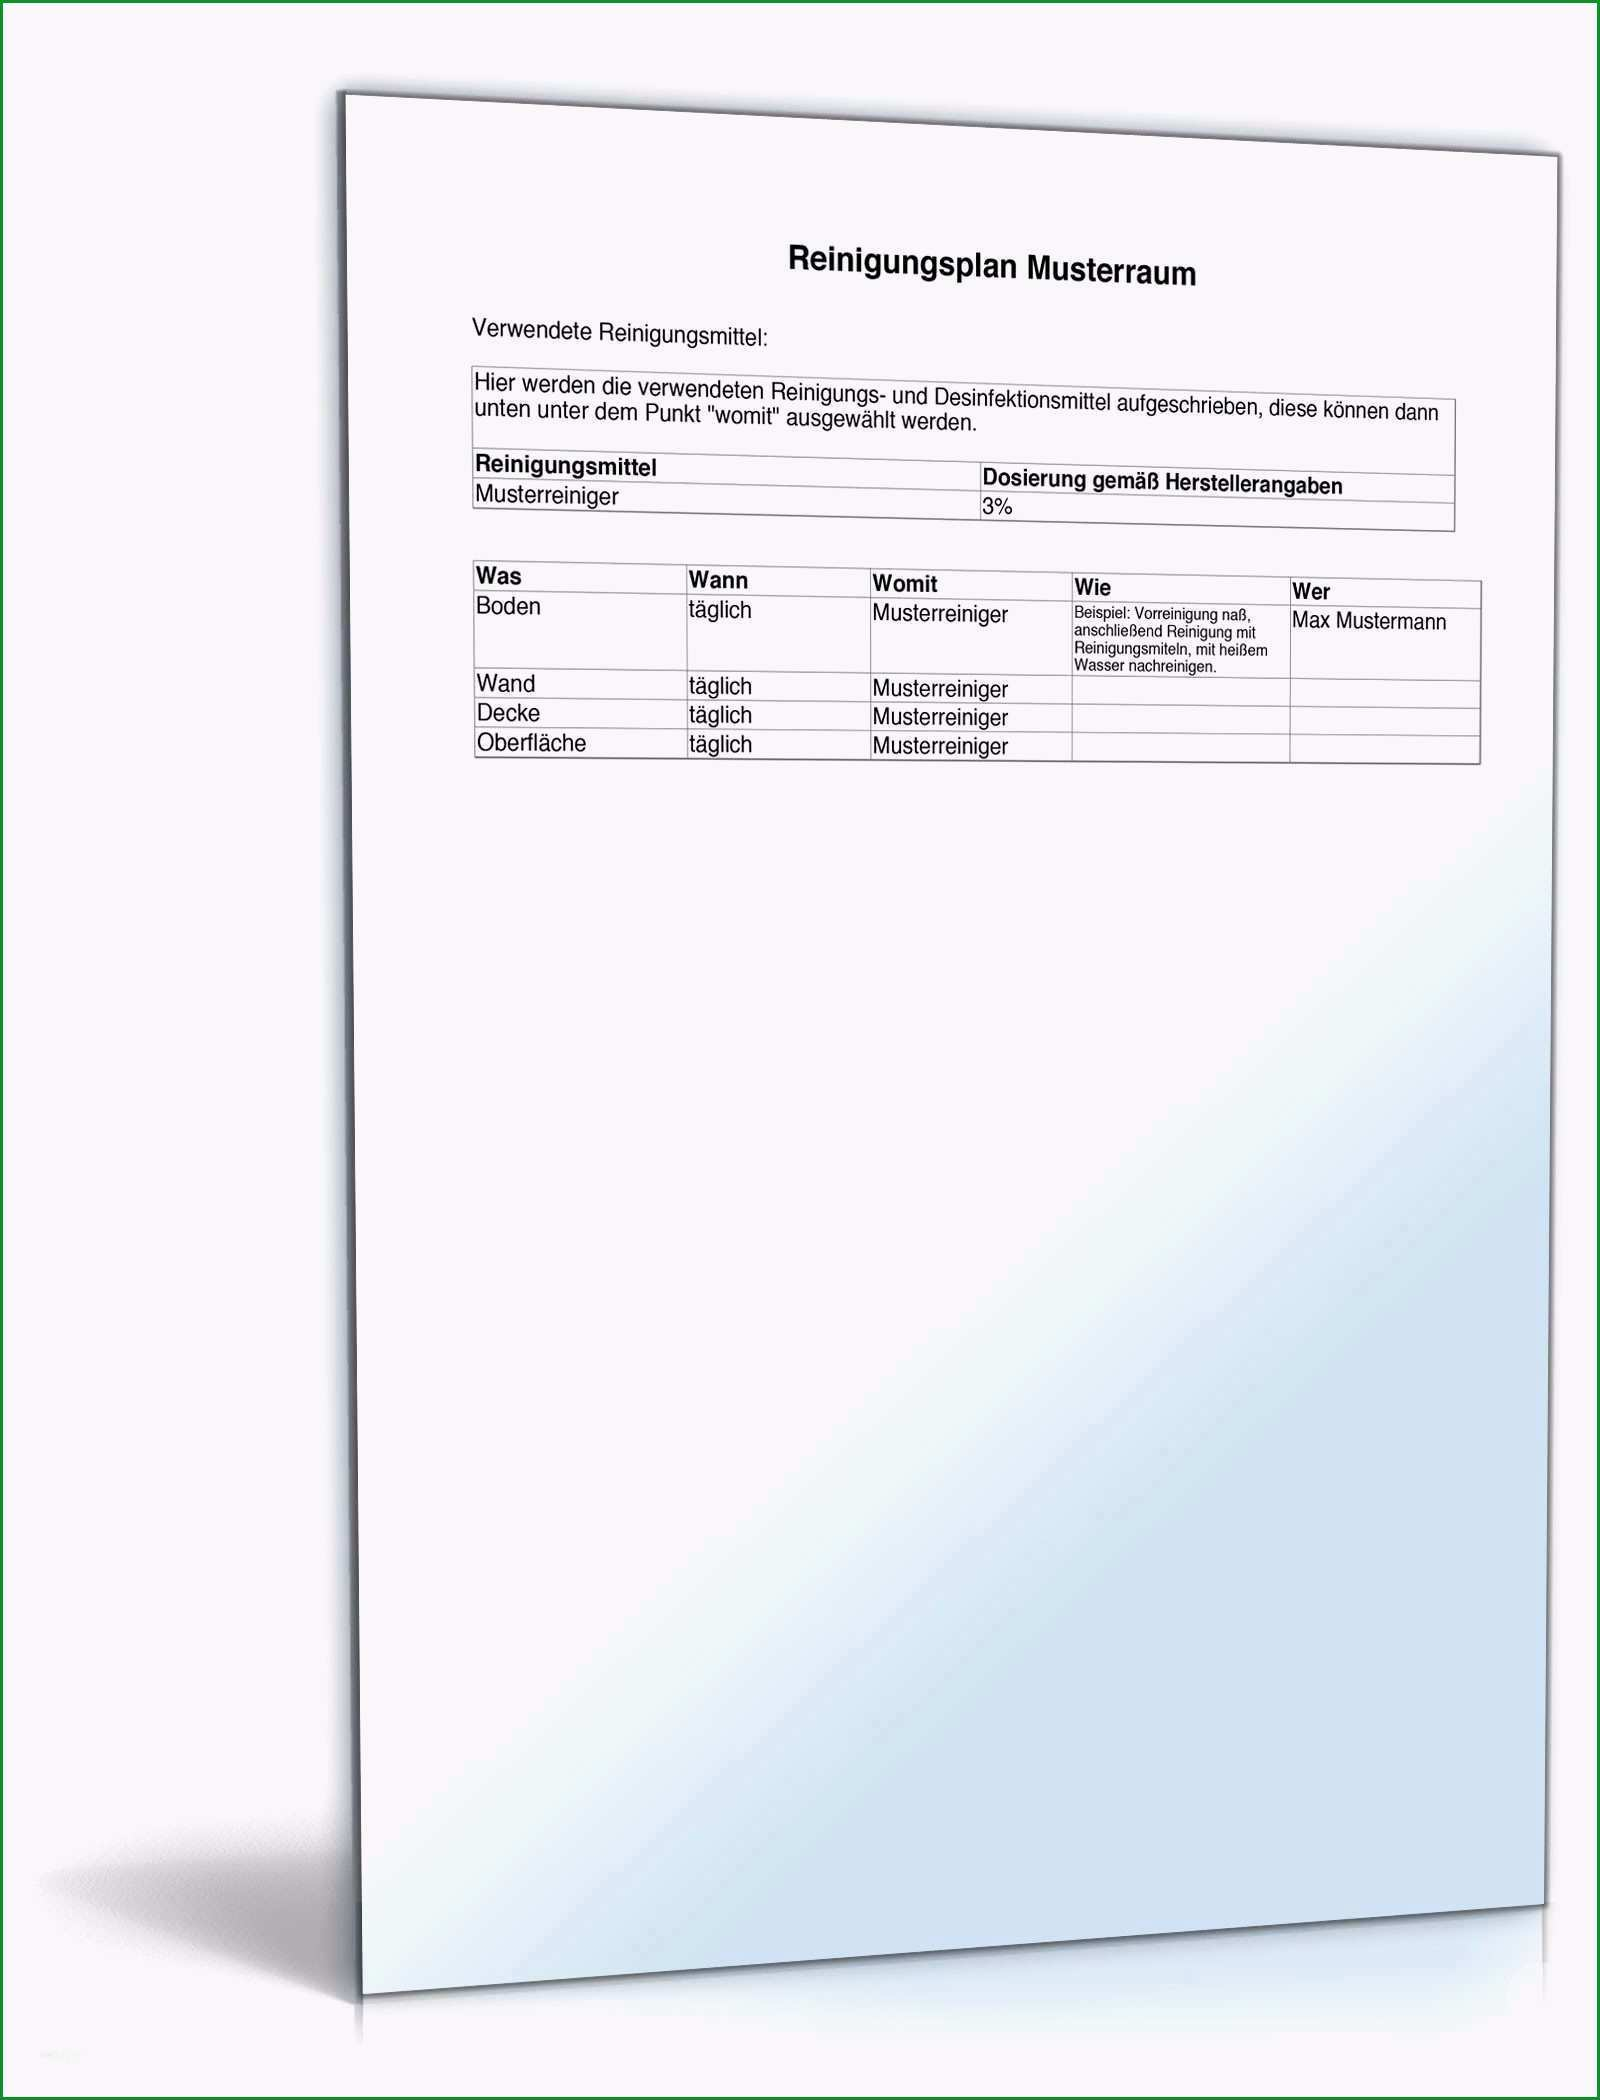 protokoll temperaturkontrolle nachweis vorlage schon archiv • musterbriefe dokumente and vorlagen